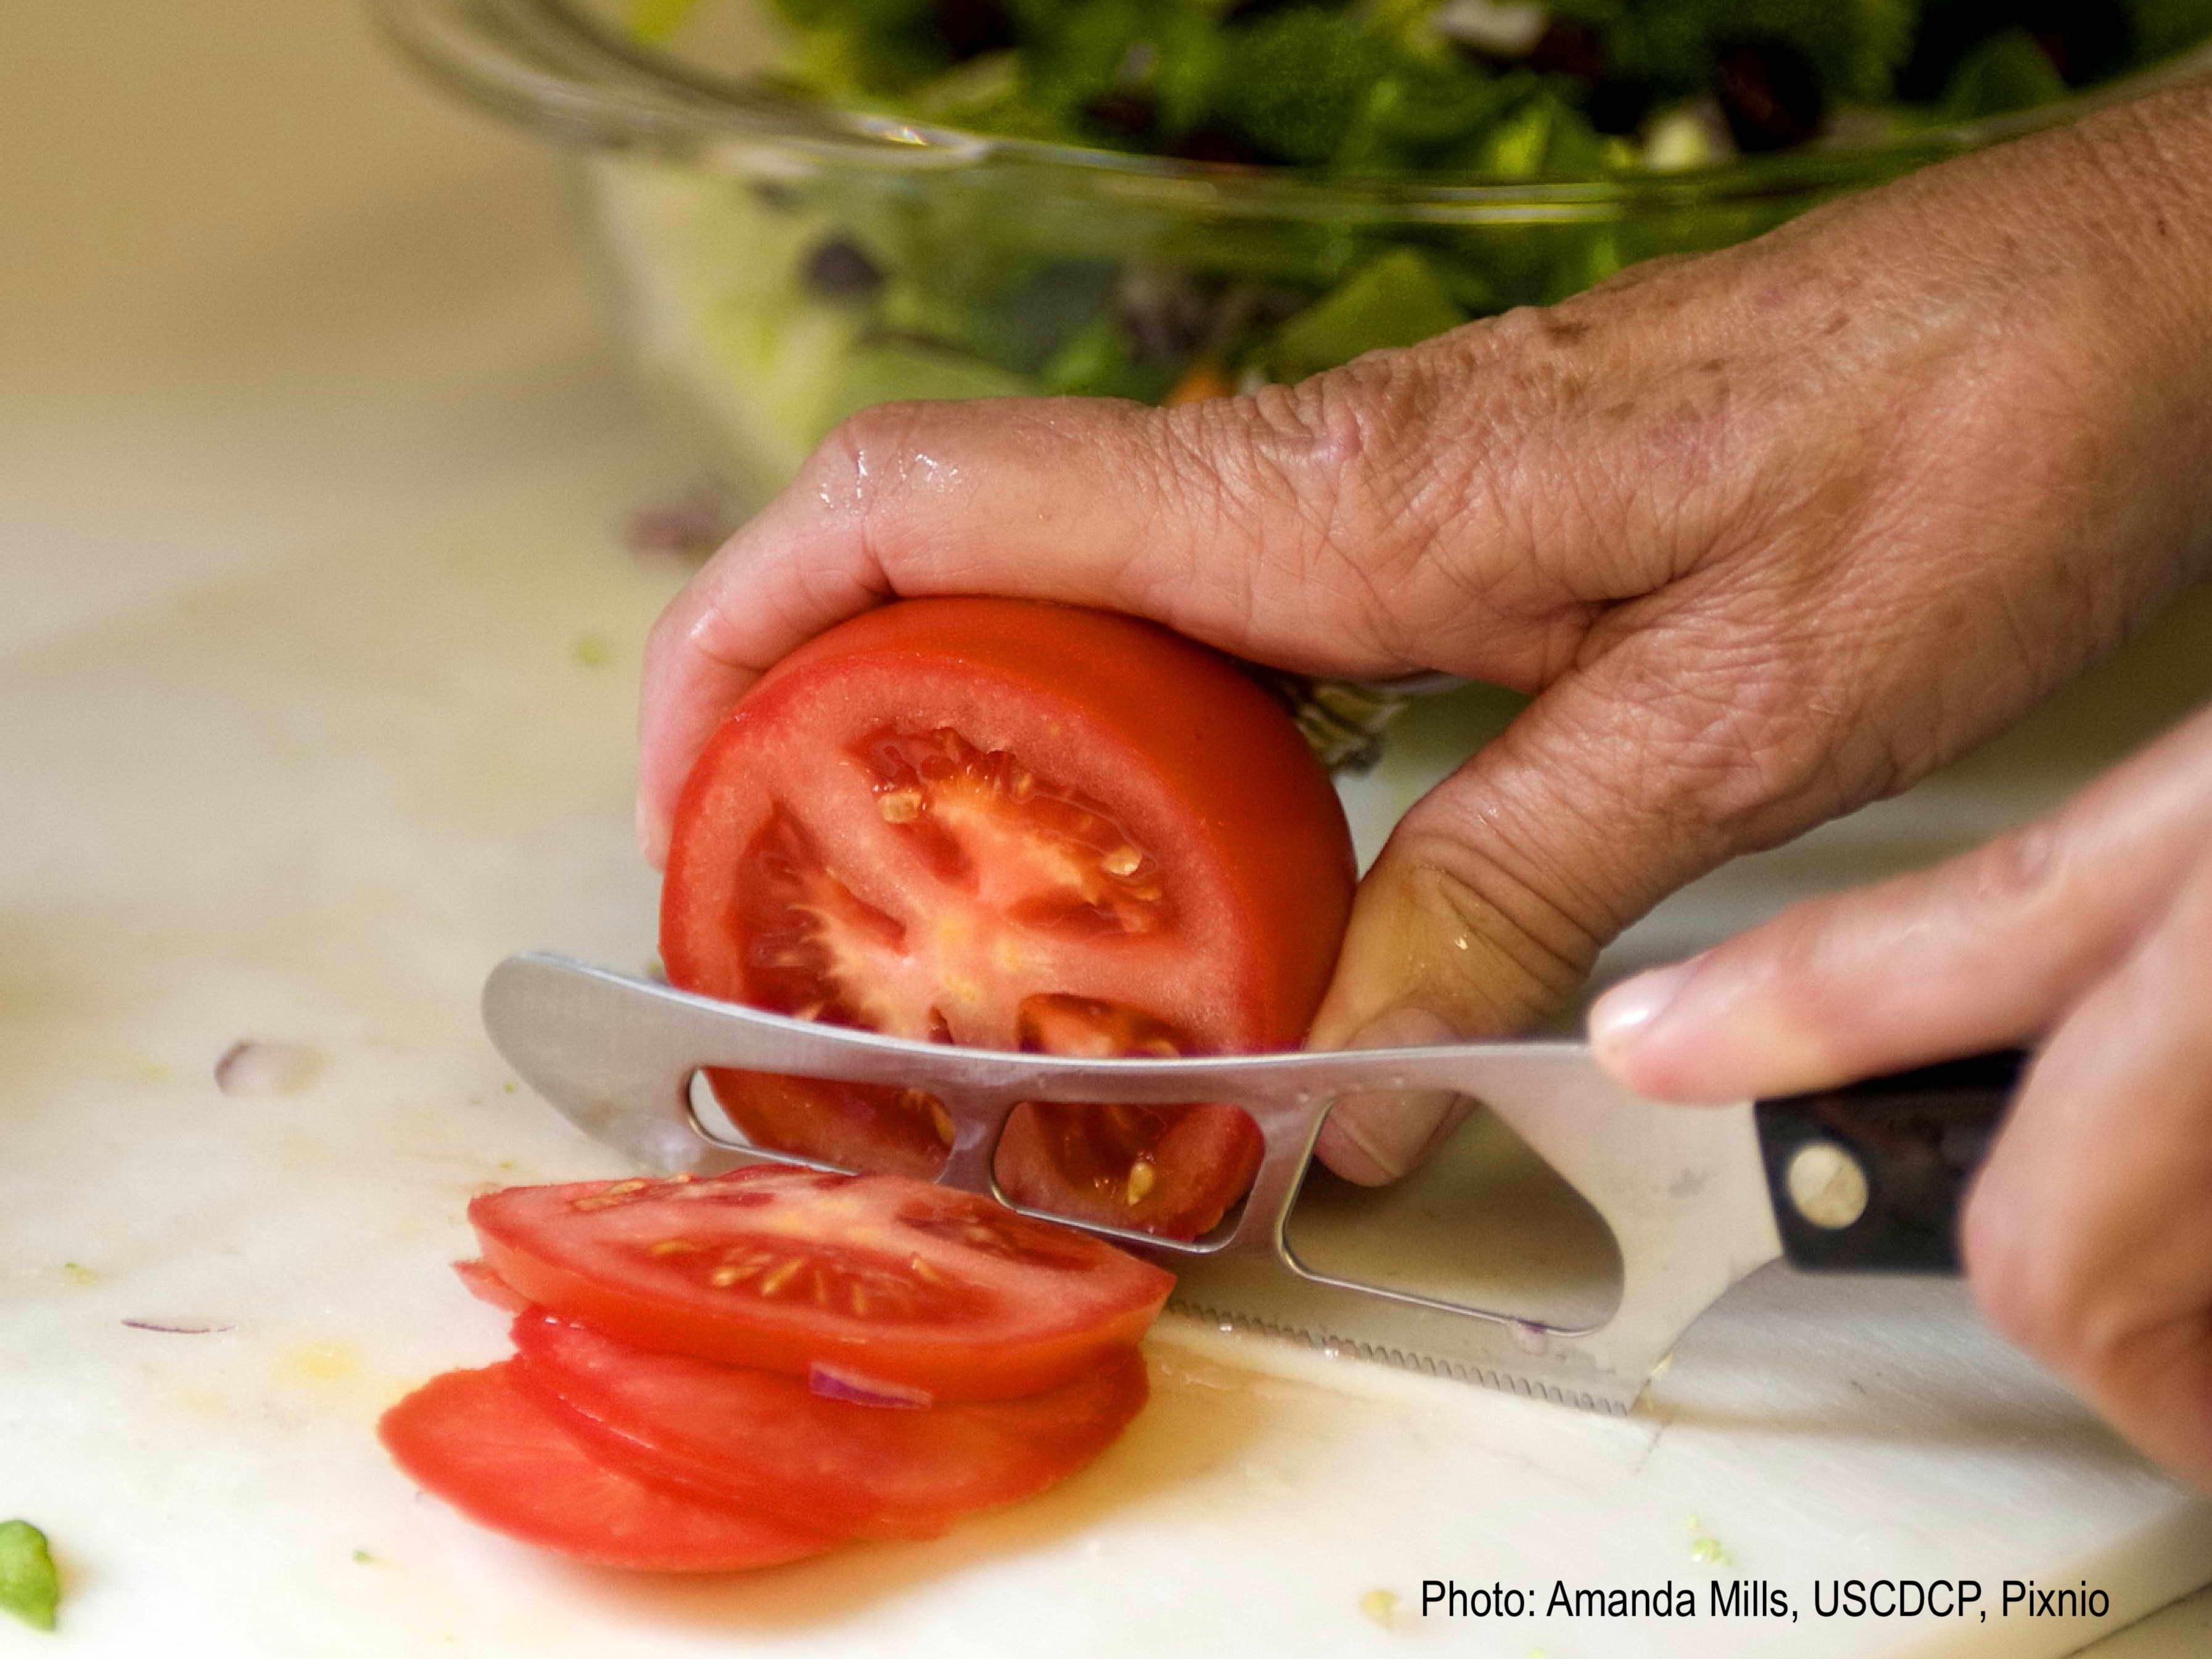 Tomato cut in slices